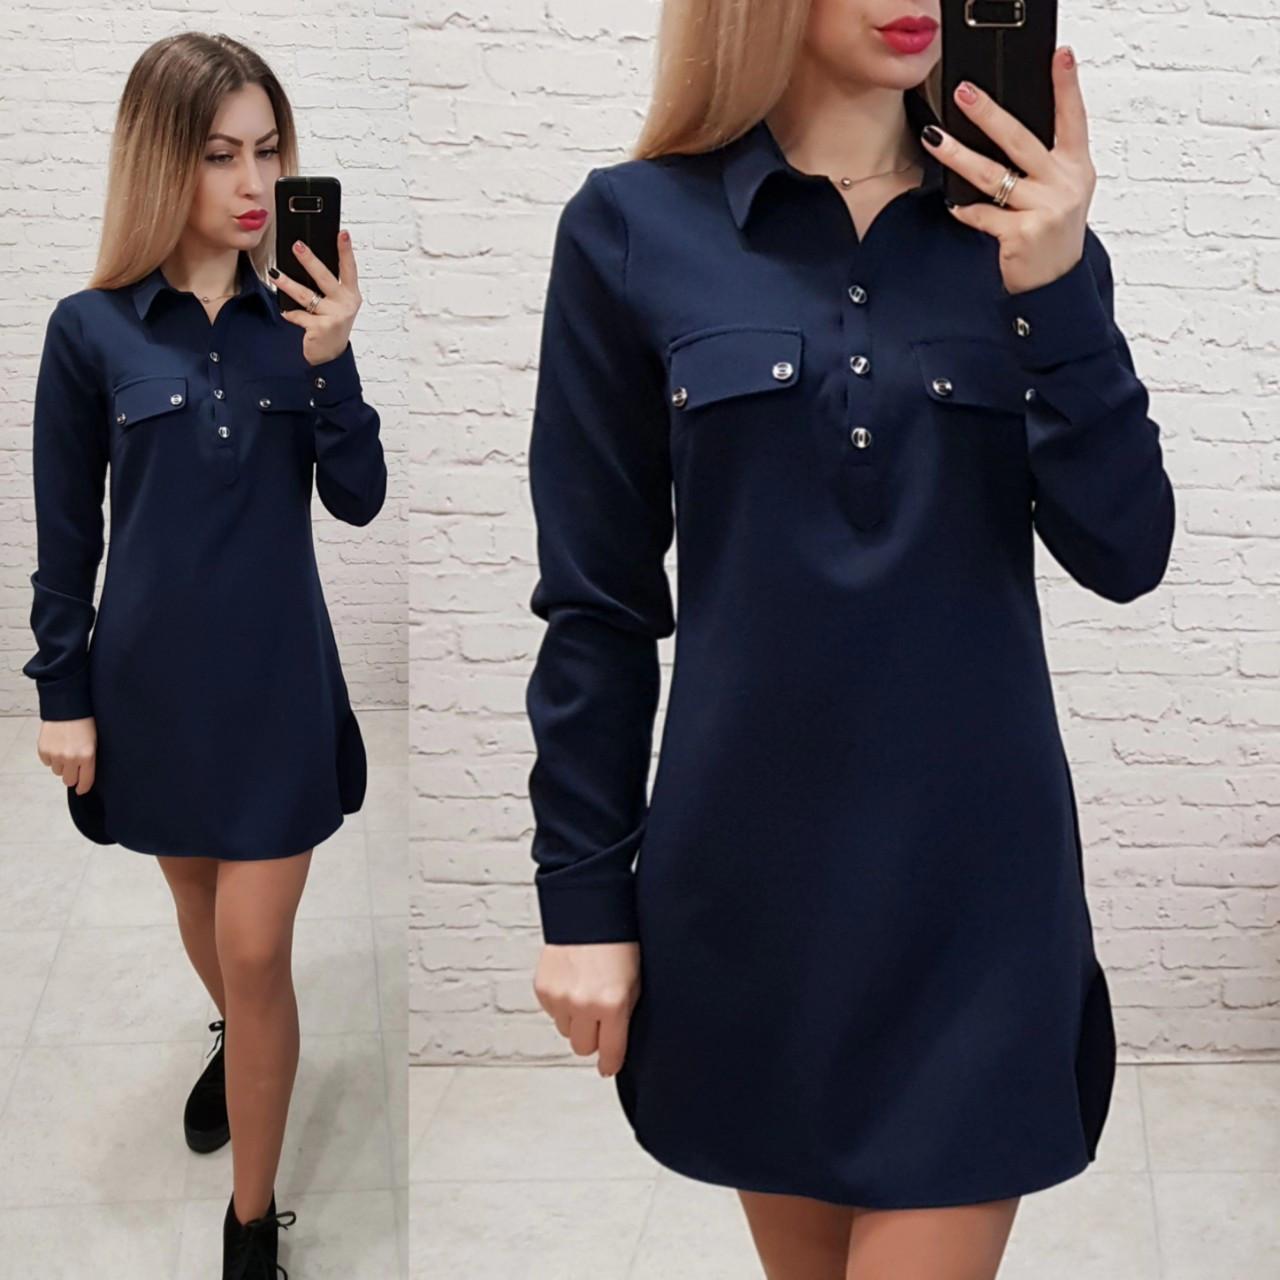 Платье-рубашка, креп, модель 825, цвет - темно синий